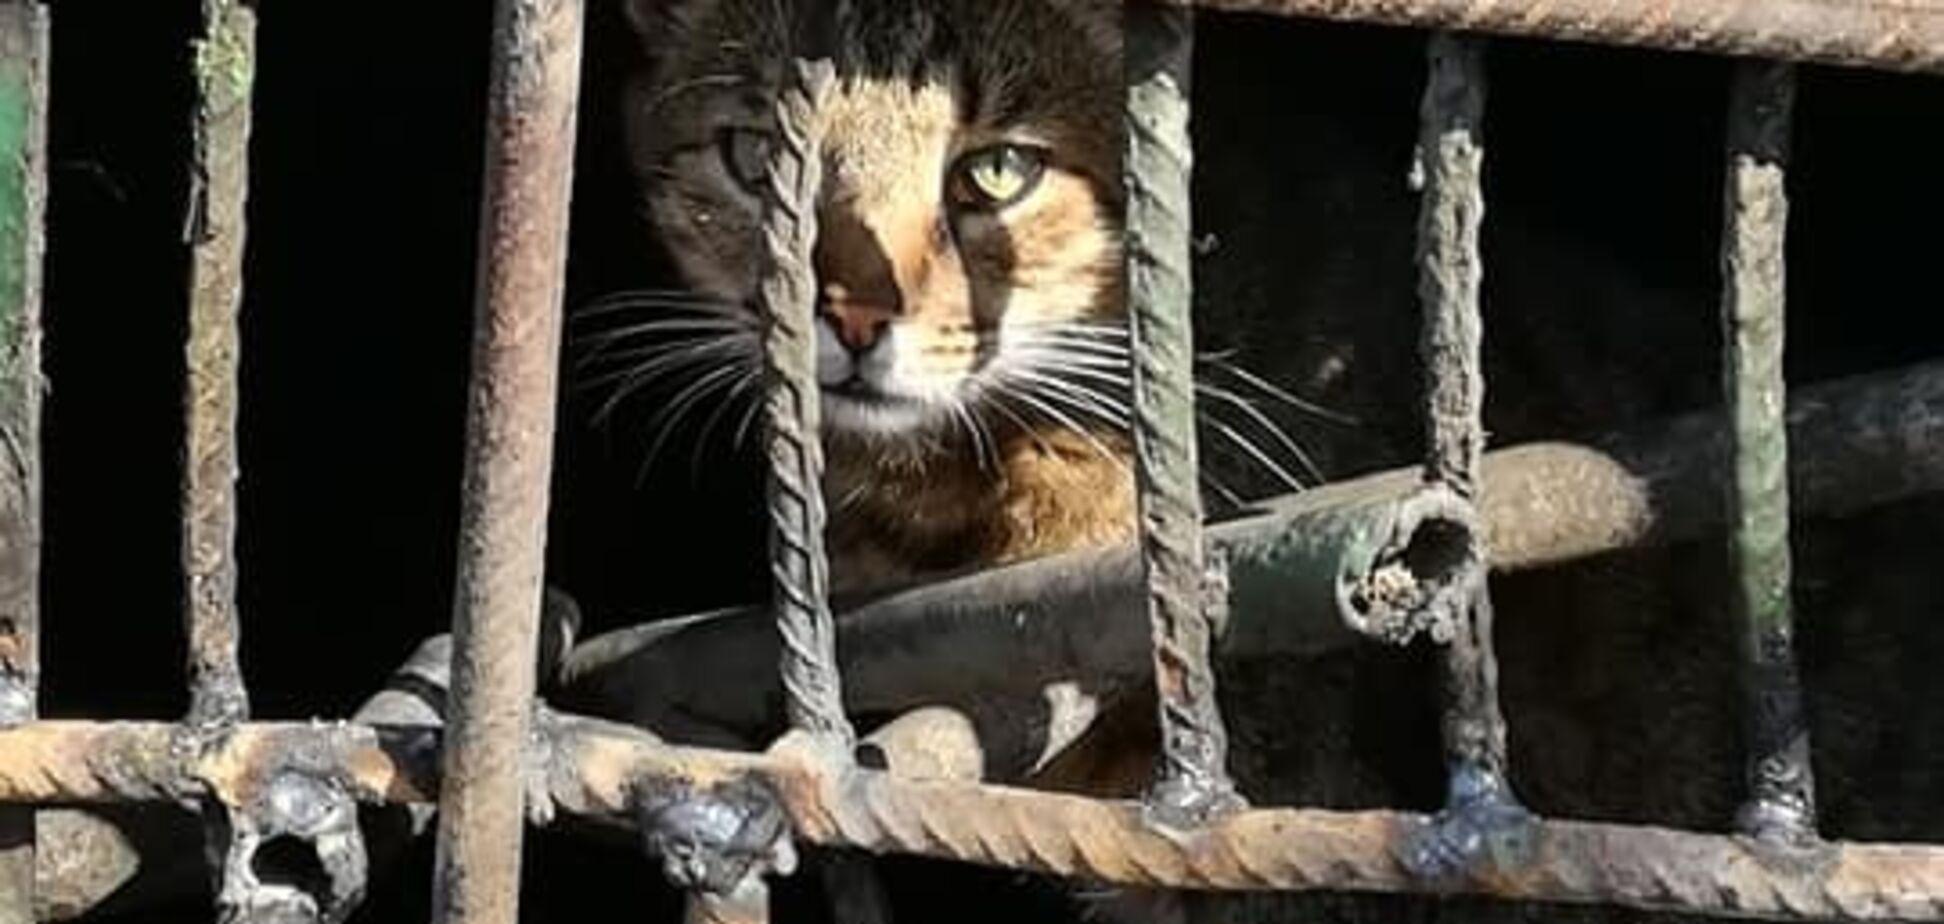 В Киеве живьем 'заварили' кошку с котятами в подвале многоэтажки